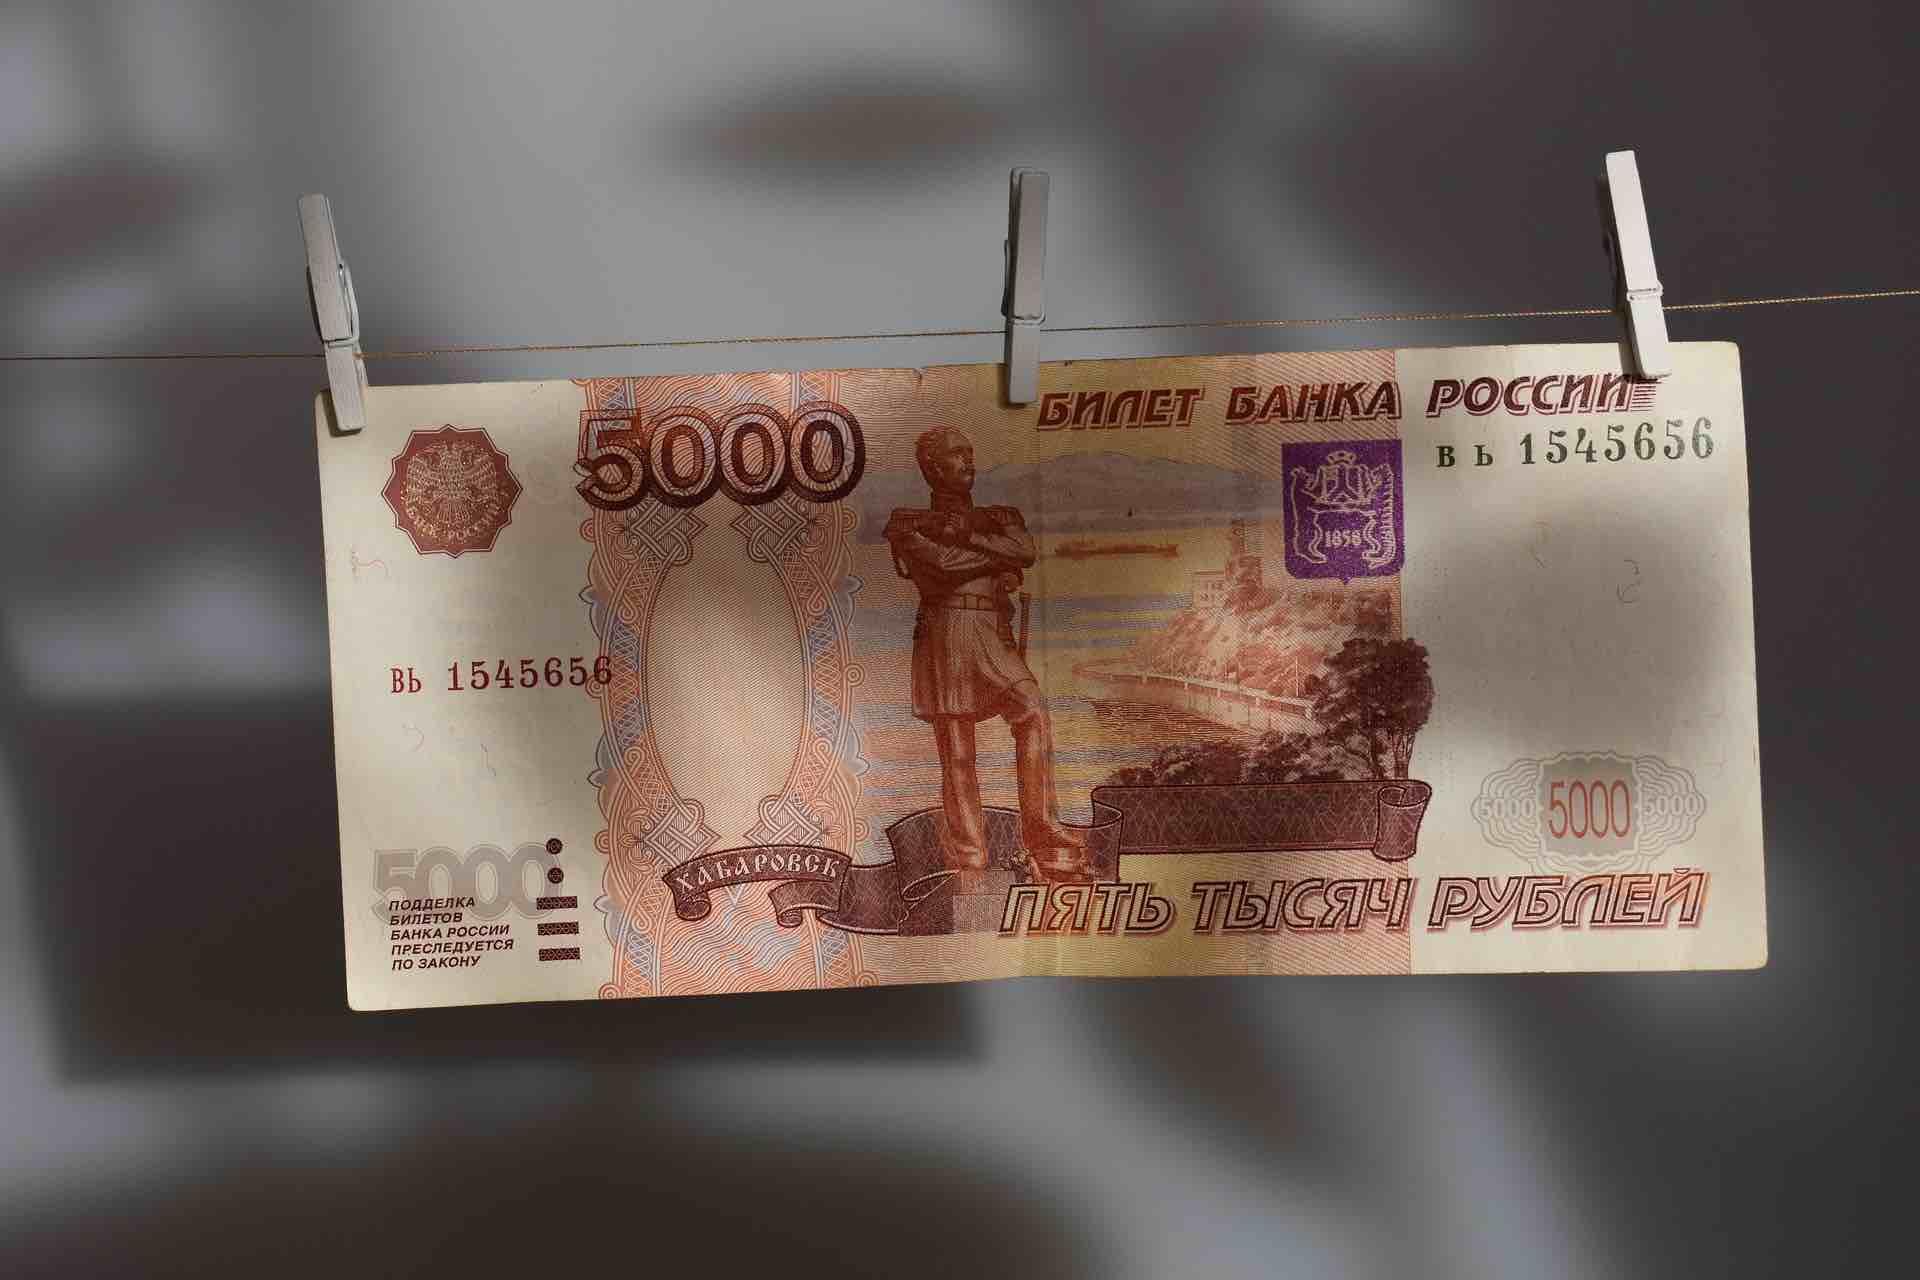 Пособие 10 тысяч рублей на детей до 16 лет получат не все: кому не положена Государственная помощь